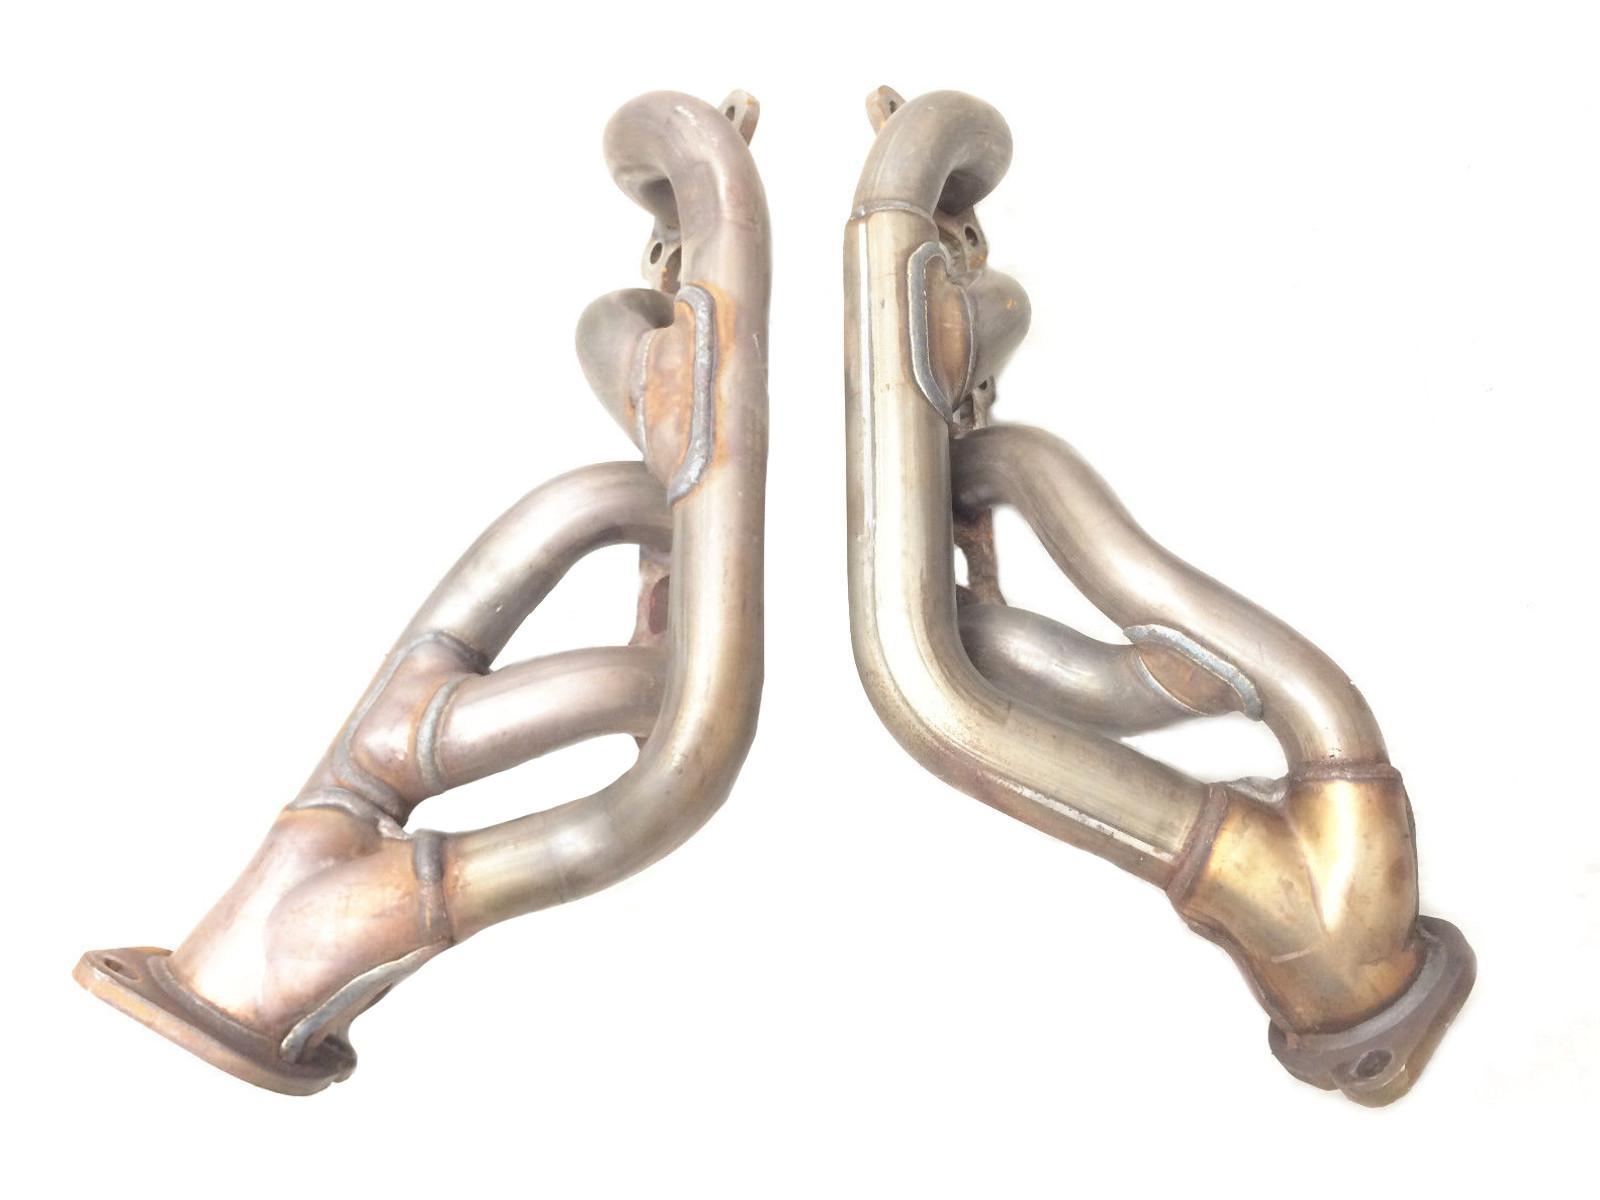 exhaust header manifold 5 0l mustang gt 2011 2012 2013 2014 oem 4v set pair